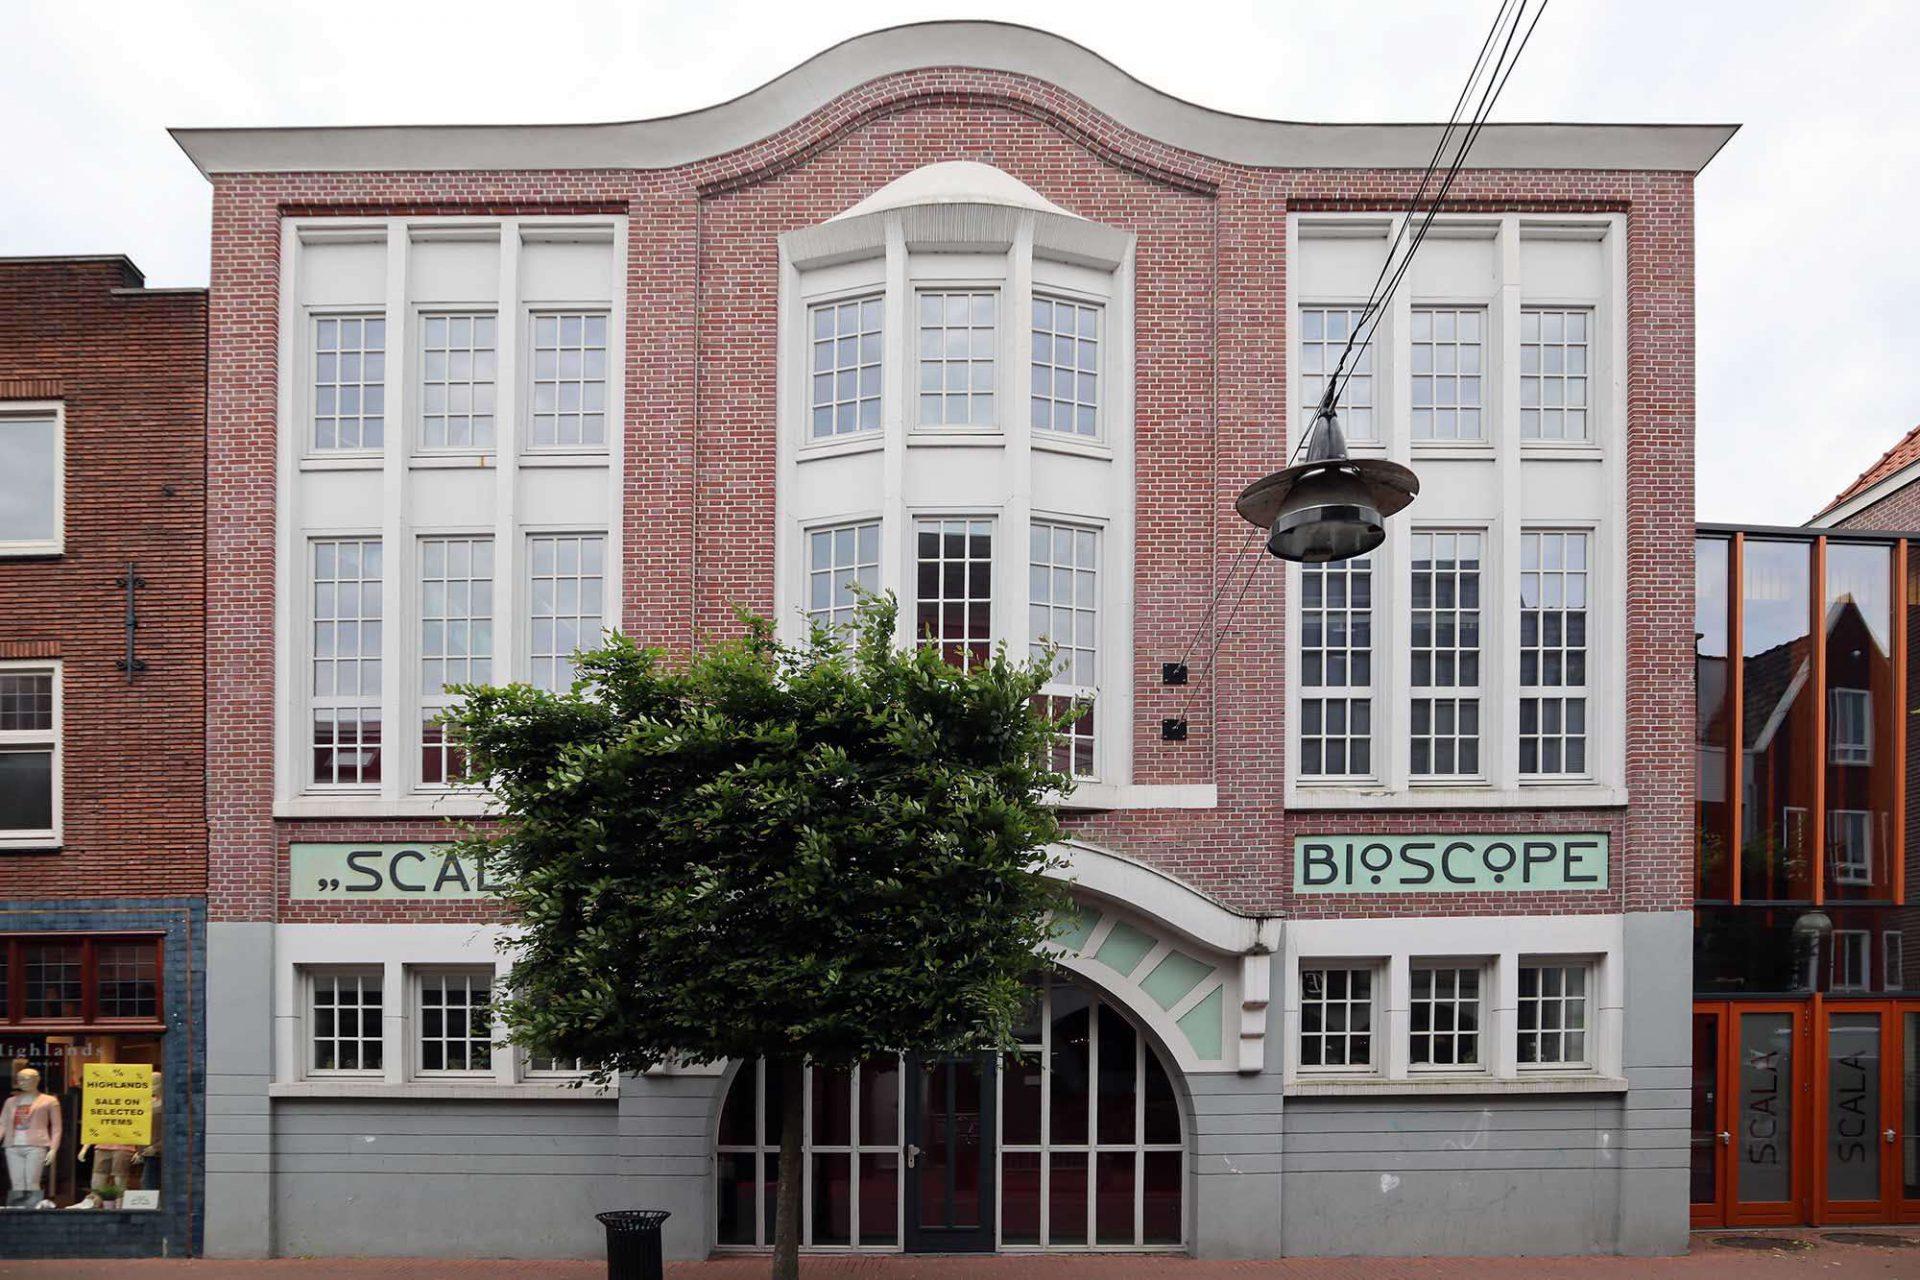 """Kunstkwartier. ... sanierten sie auch das ehrwürdige Kino Scala. LX Architecten verbanden es durch eine Unterführung mit dem Kunstkwartier und bauten es zu einem Theater mit rund 200 Sitzplätzen um. Die ursprünglichen Fassaden wurden weitgehend erhalten. Das Innere wurde komplett entkernt und als """"Box in Box-Bauweise"""" neu errichtet."""